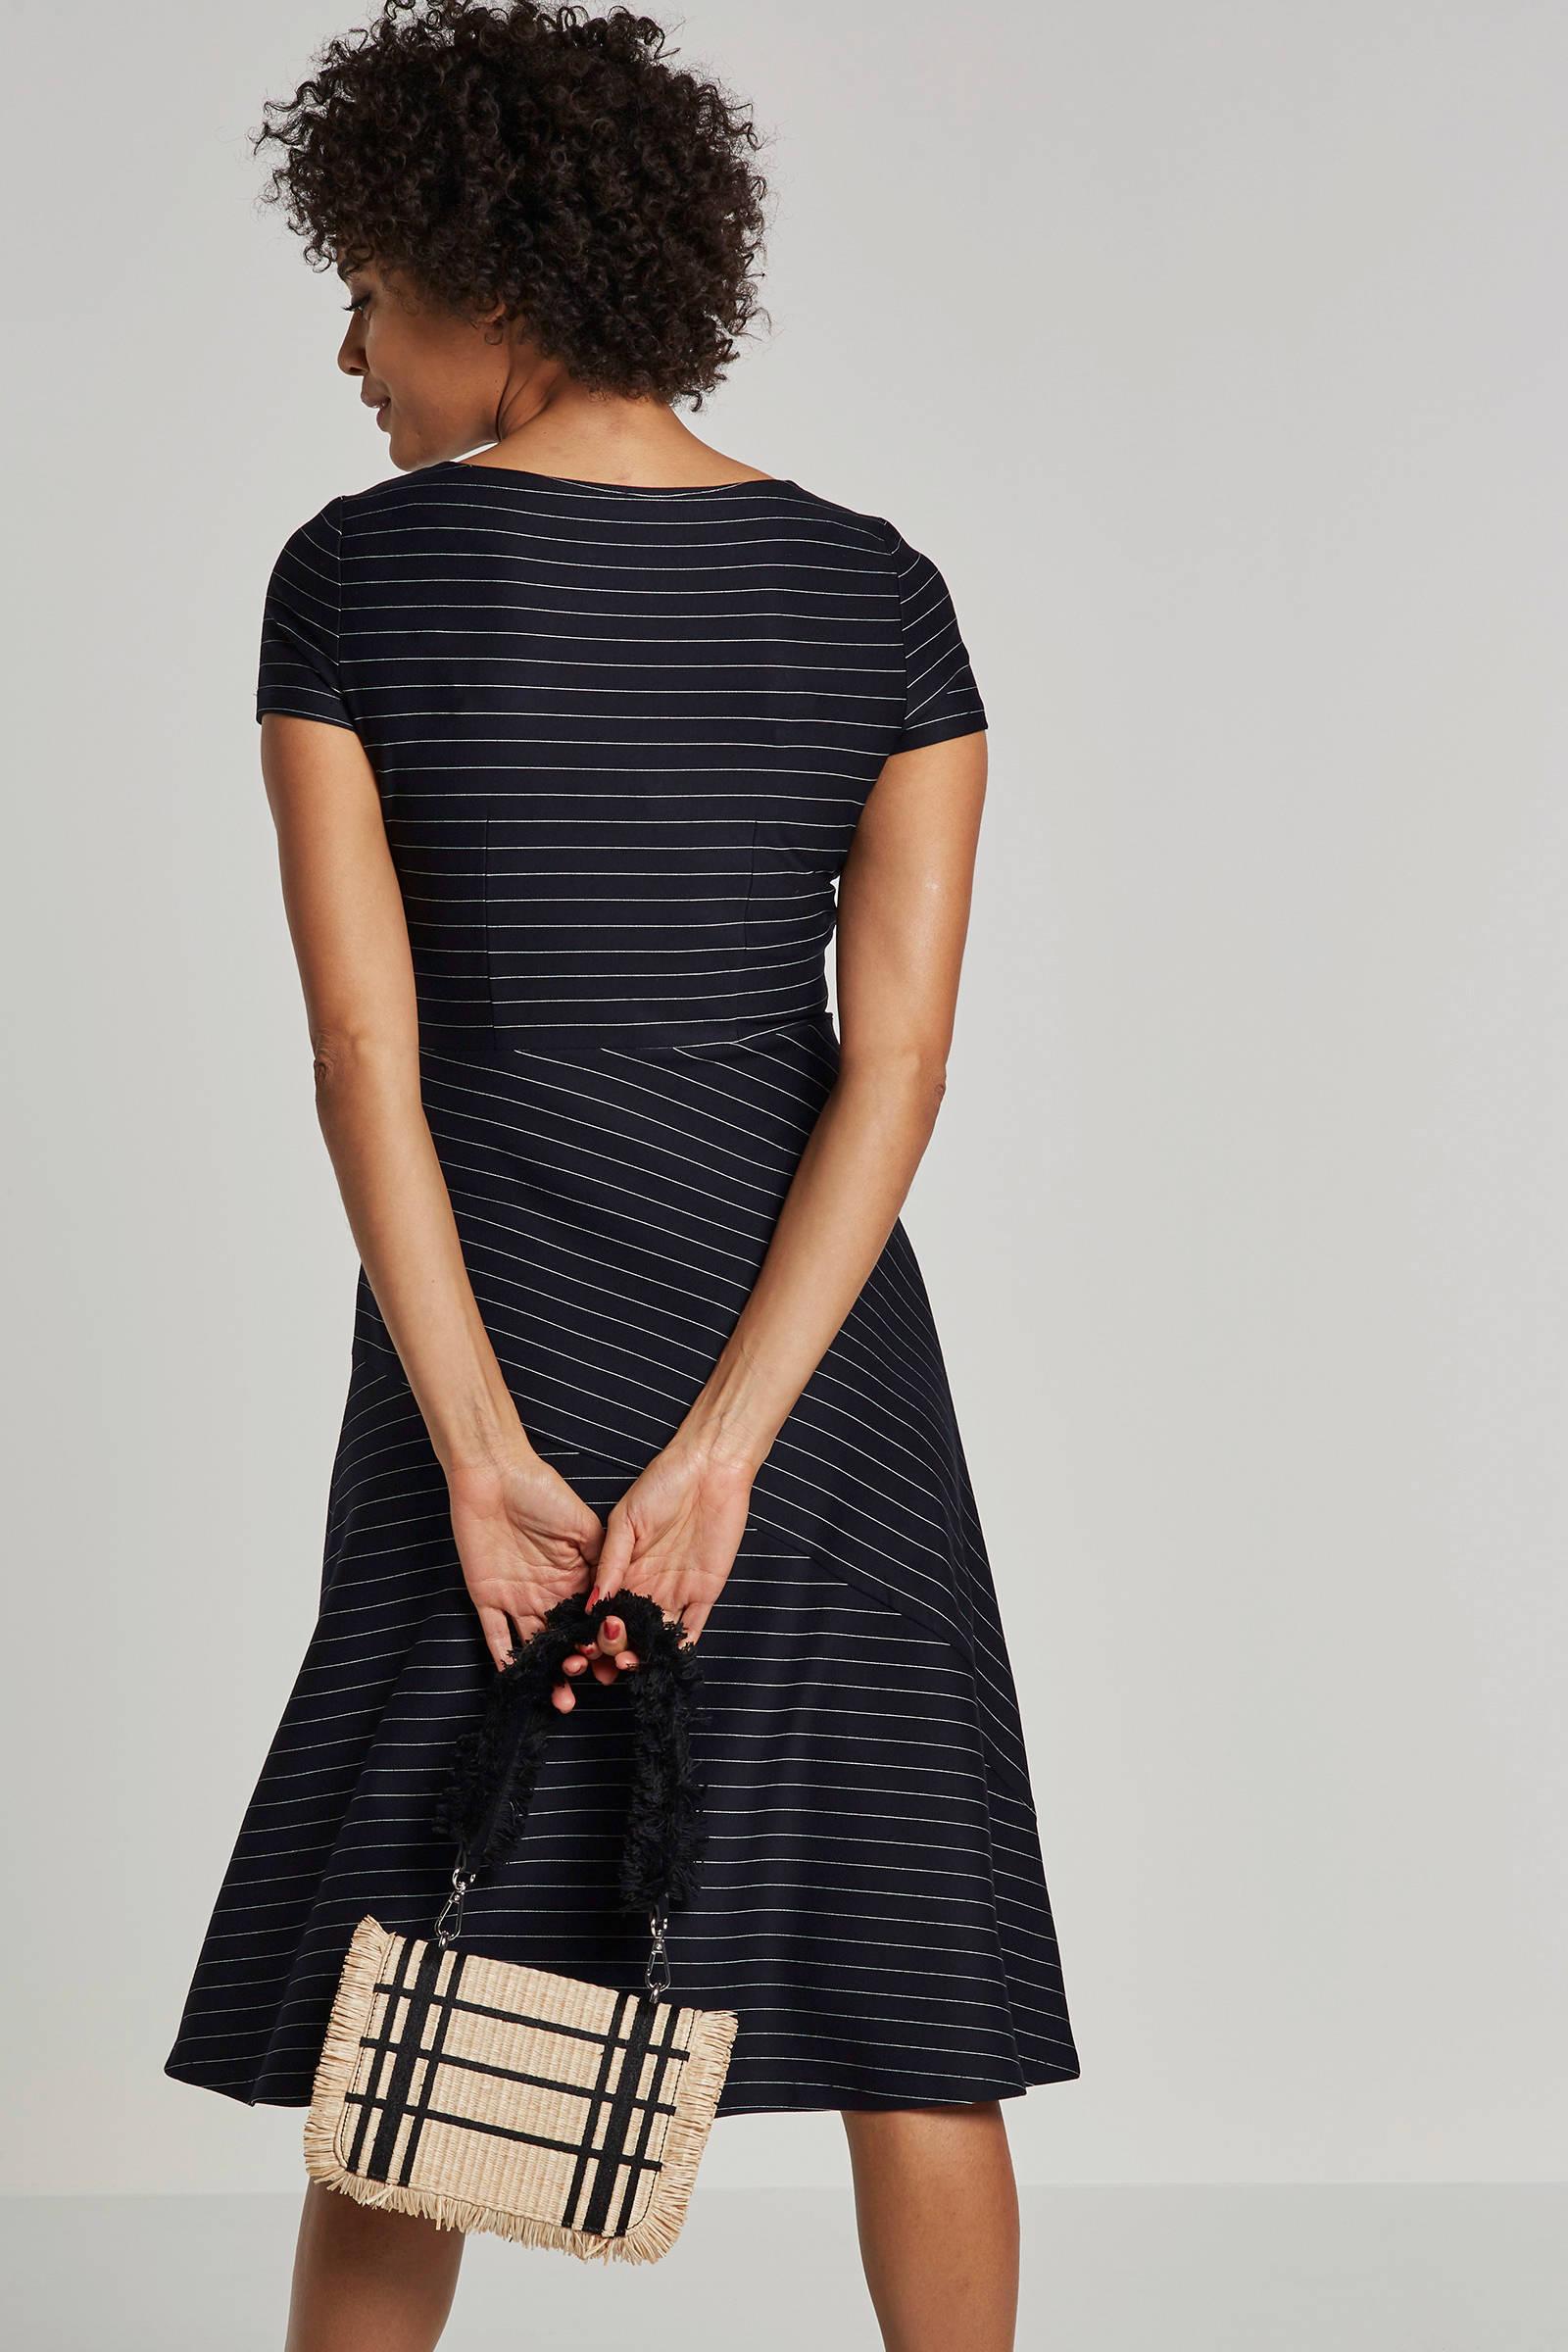 esprit jurk zwart wit